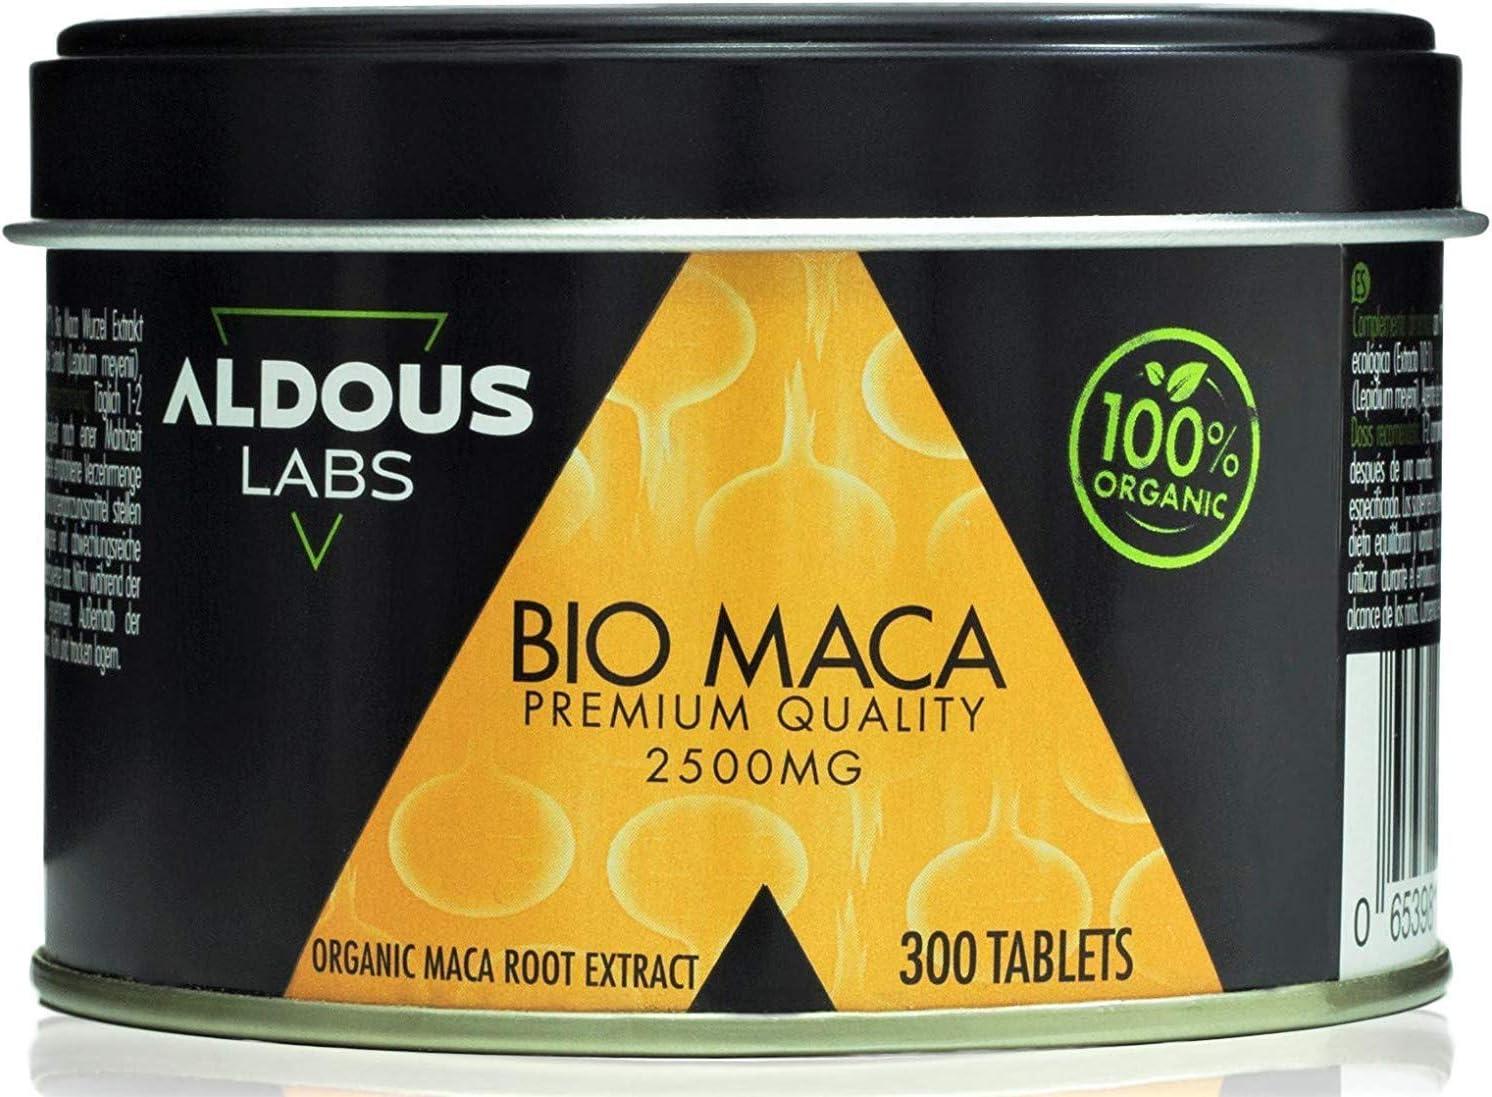 Extracto de Maca Andina Ecológica Premium para 9 meses | 300 comprimidos de 2500mg | Altamente concentrada 10:1 | Aumenta Energía y Vitalidad | Libre de Plástico | Certificación Ecológica Oficial